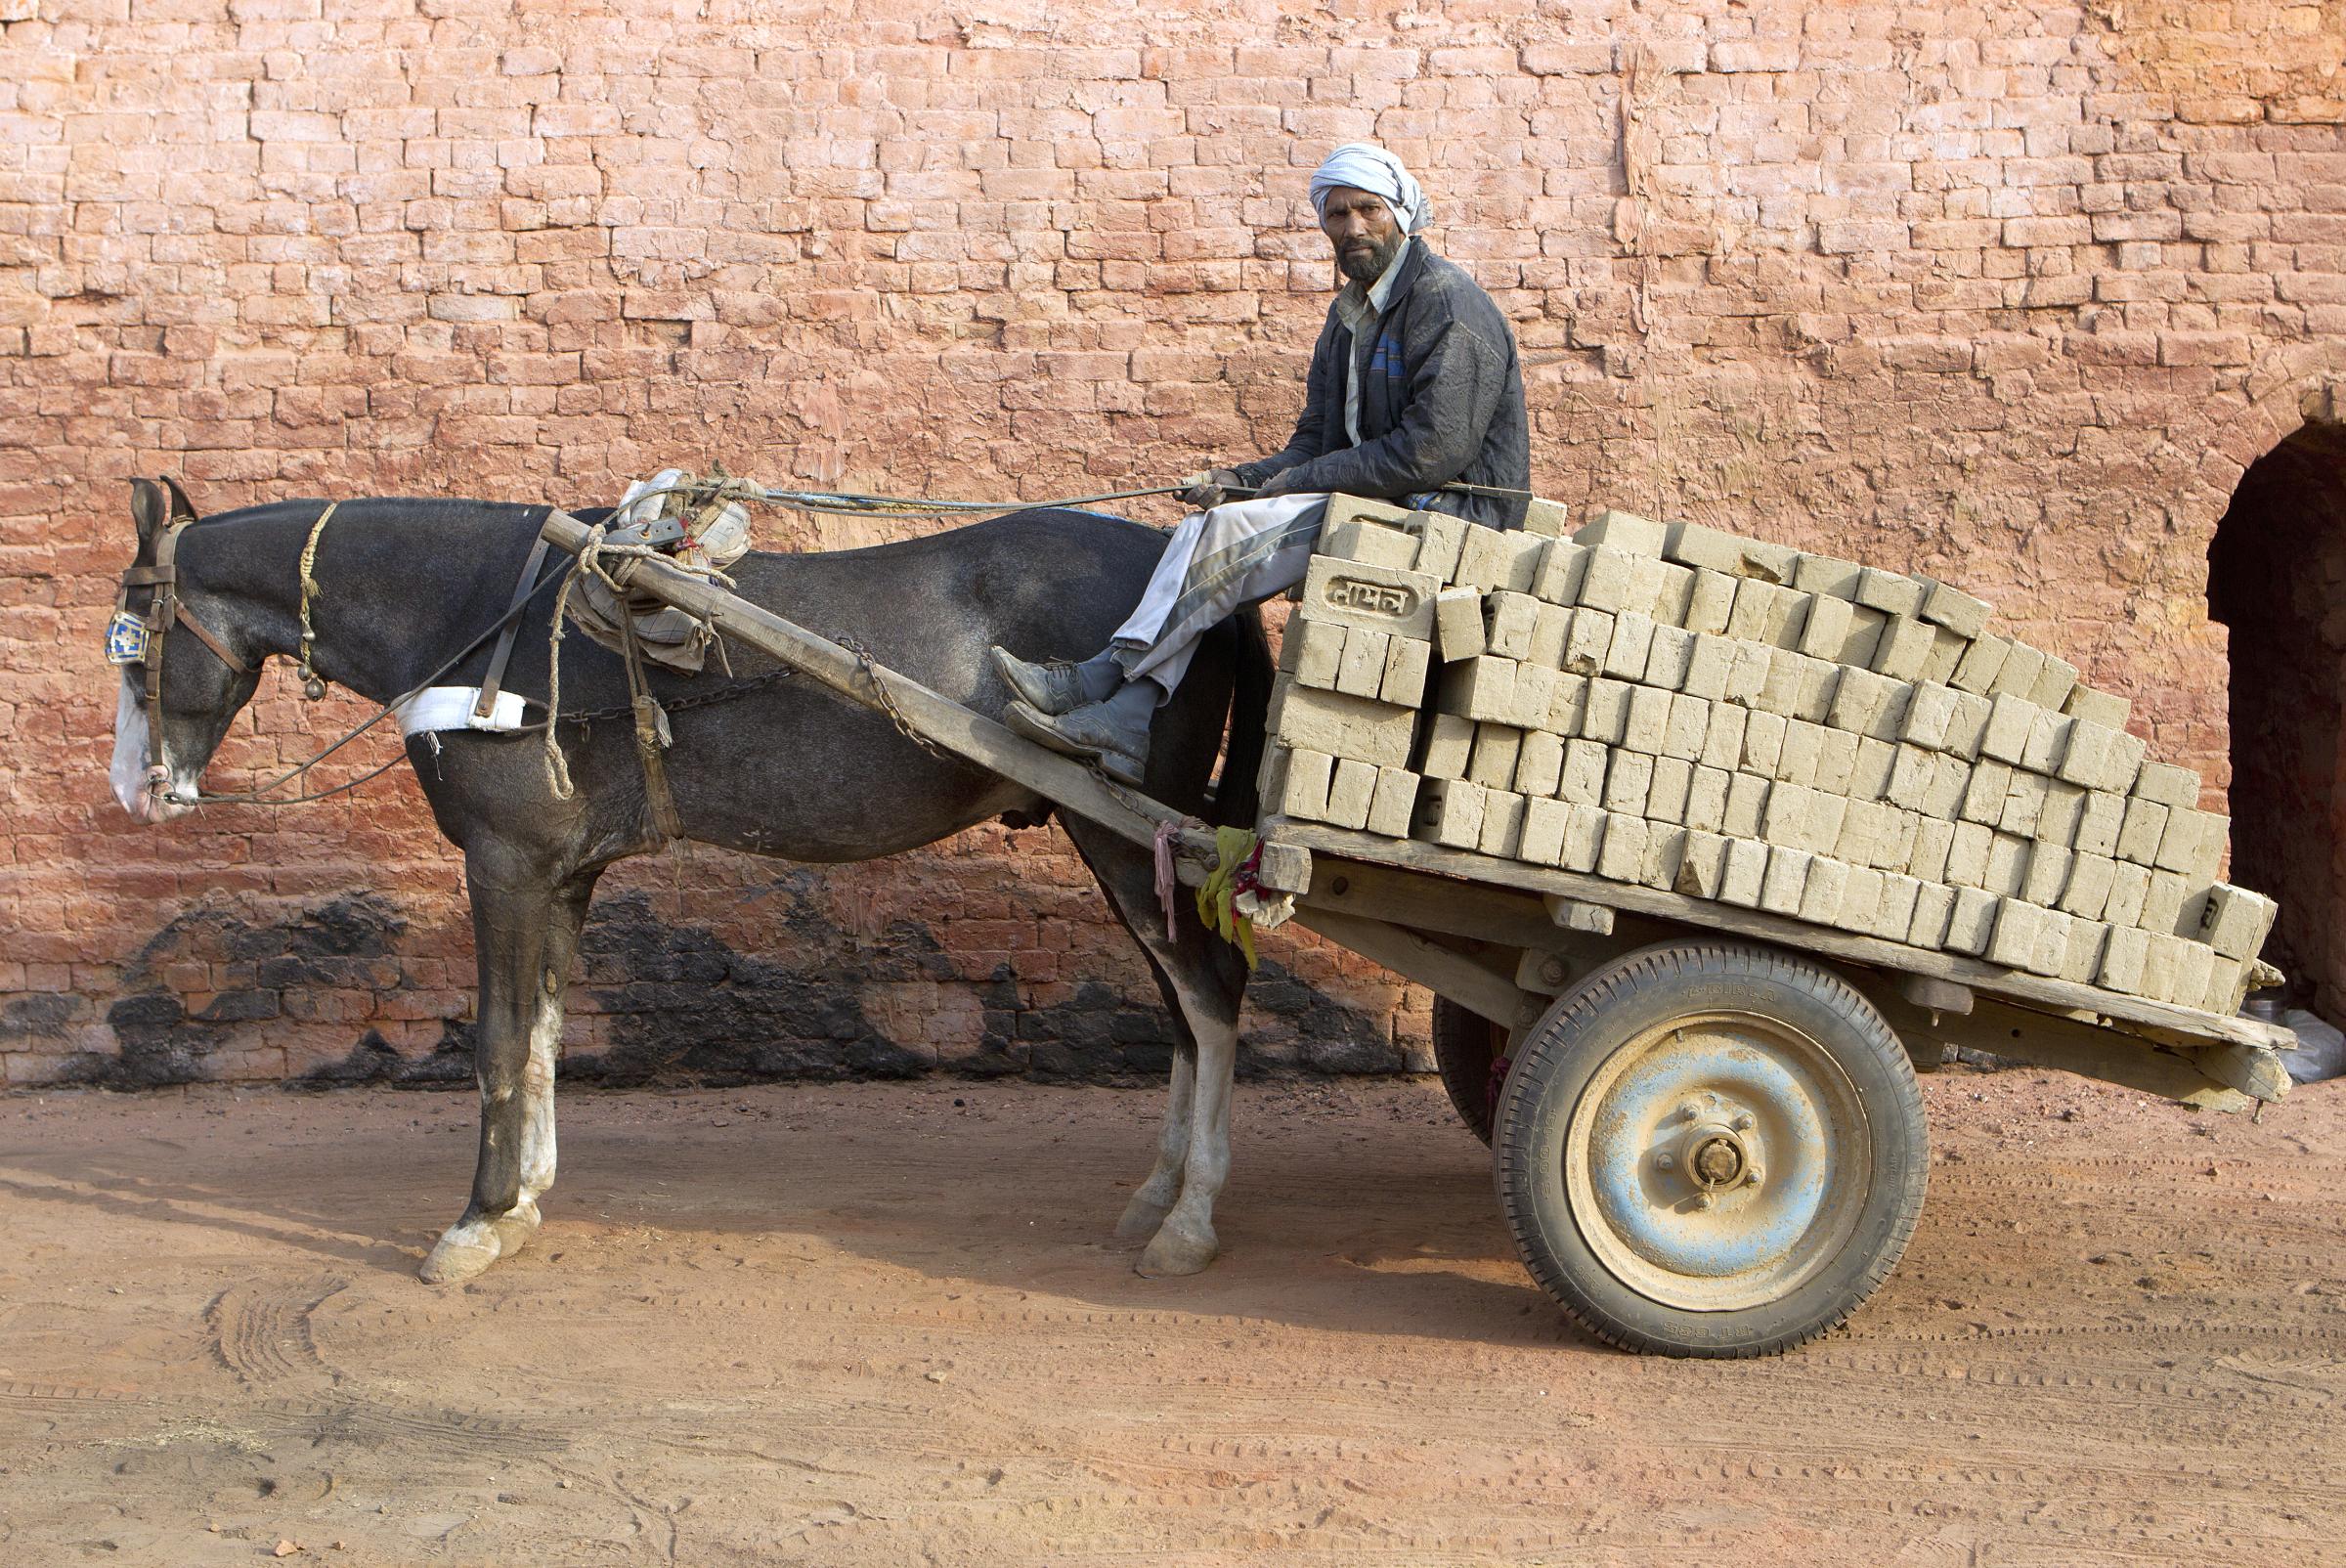 overloaded horse bricks wagon Noor, 62, and his horse Basanti at the BK Tayal kiln, Uttar Pradesh, India. SMALL.png